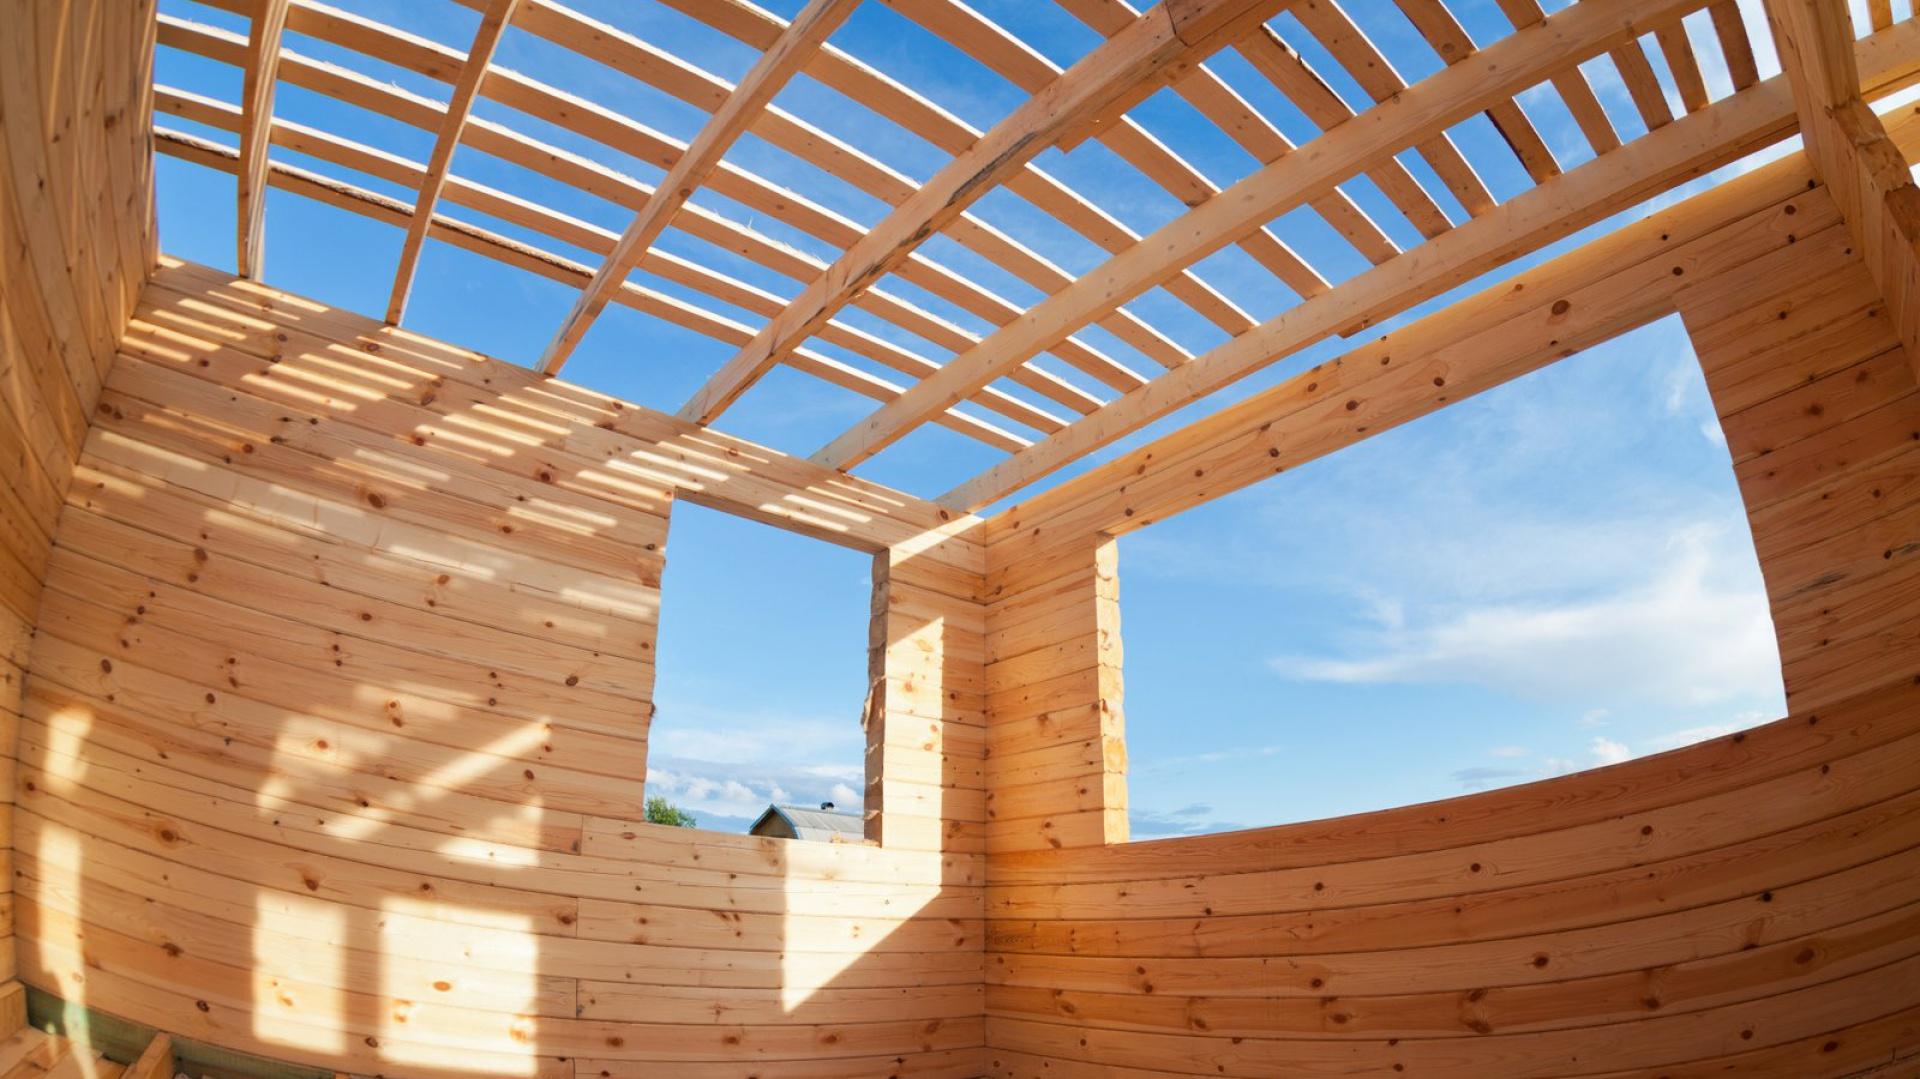 Głównym założeniem zmiany Ustawy Prawo Budowlane oraz niektórych innych ustaw, z dnia 20 lutego 2015 r. jest usprawnienie procesu budowlanego poprzez zniesienie obowiązku uzyskiwania decyzji o pozwoleniu na budowę określonych obiektów. Fot. Warsaw Build